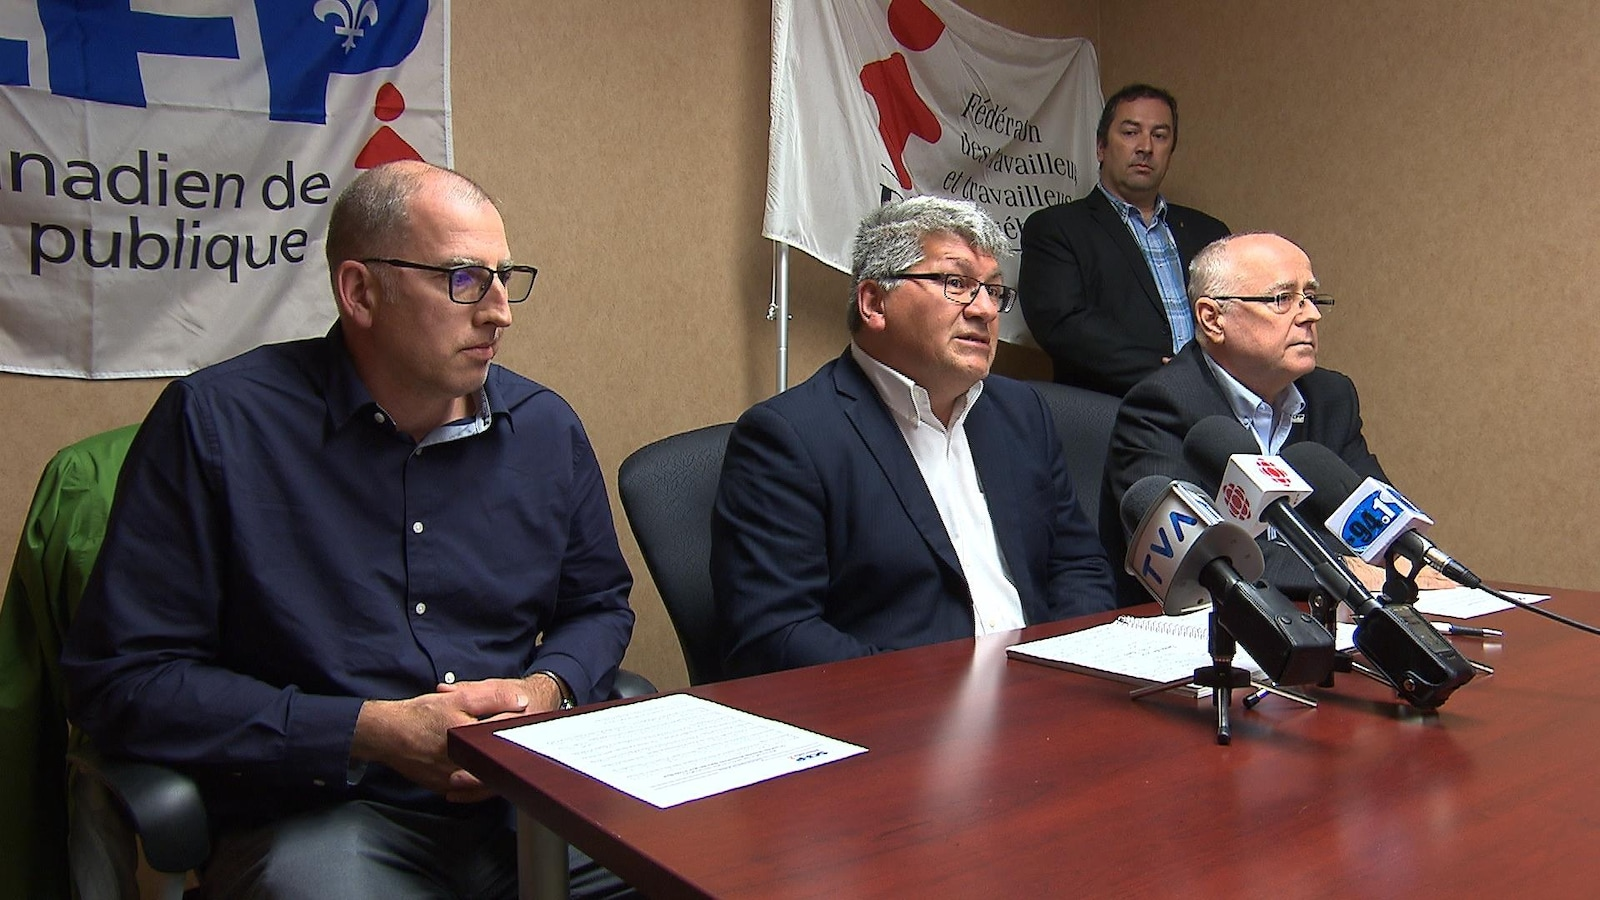 Trois représentants du SCFP en conférence de presse